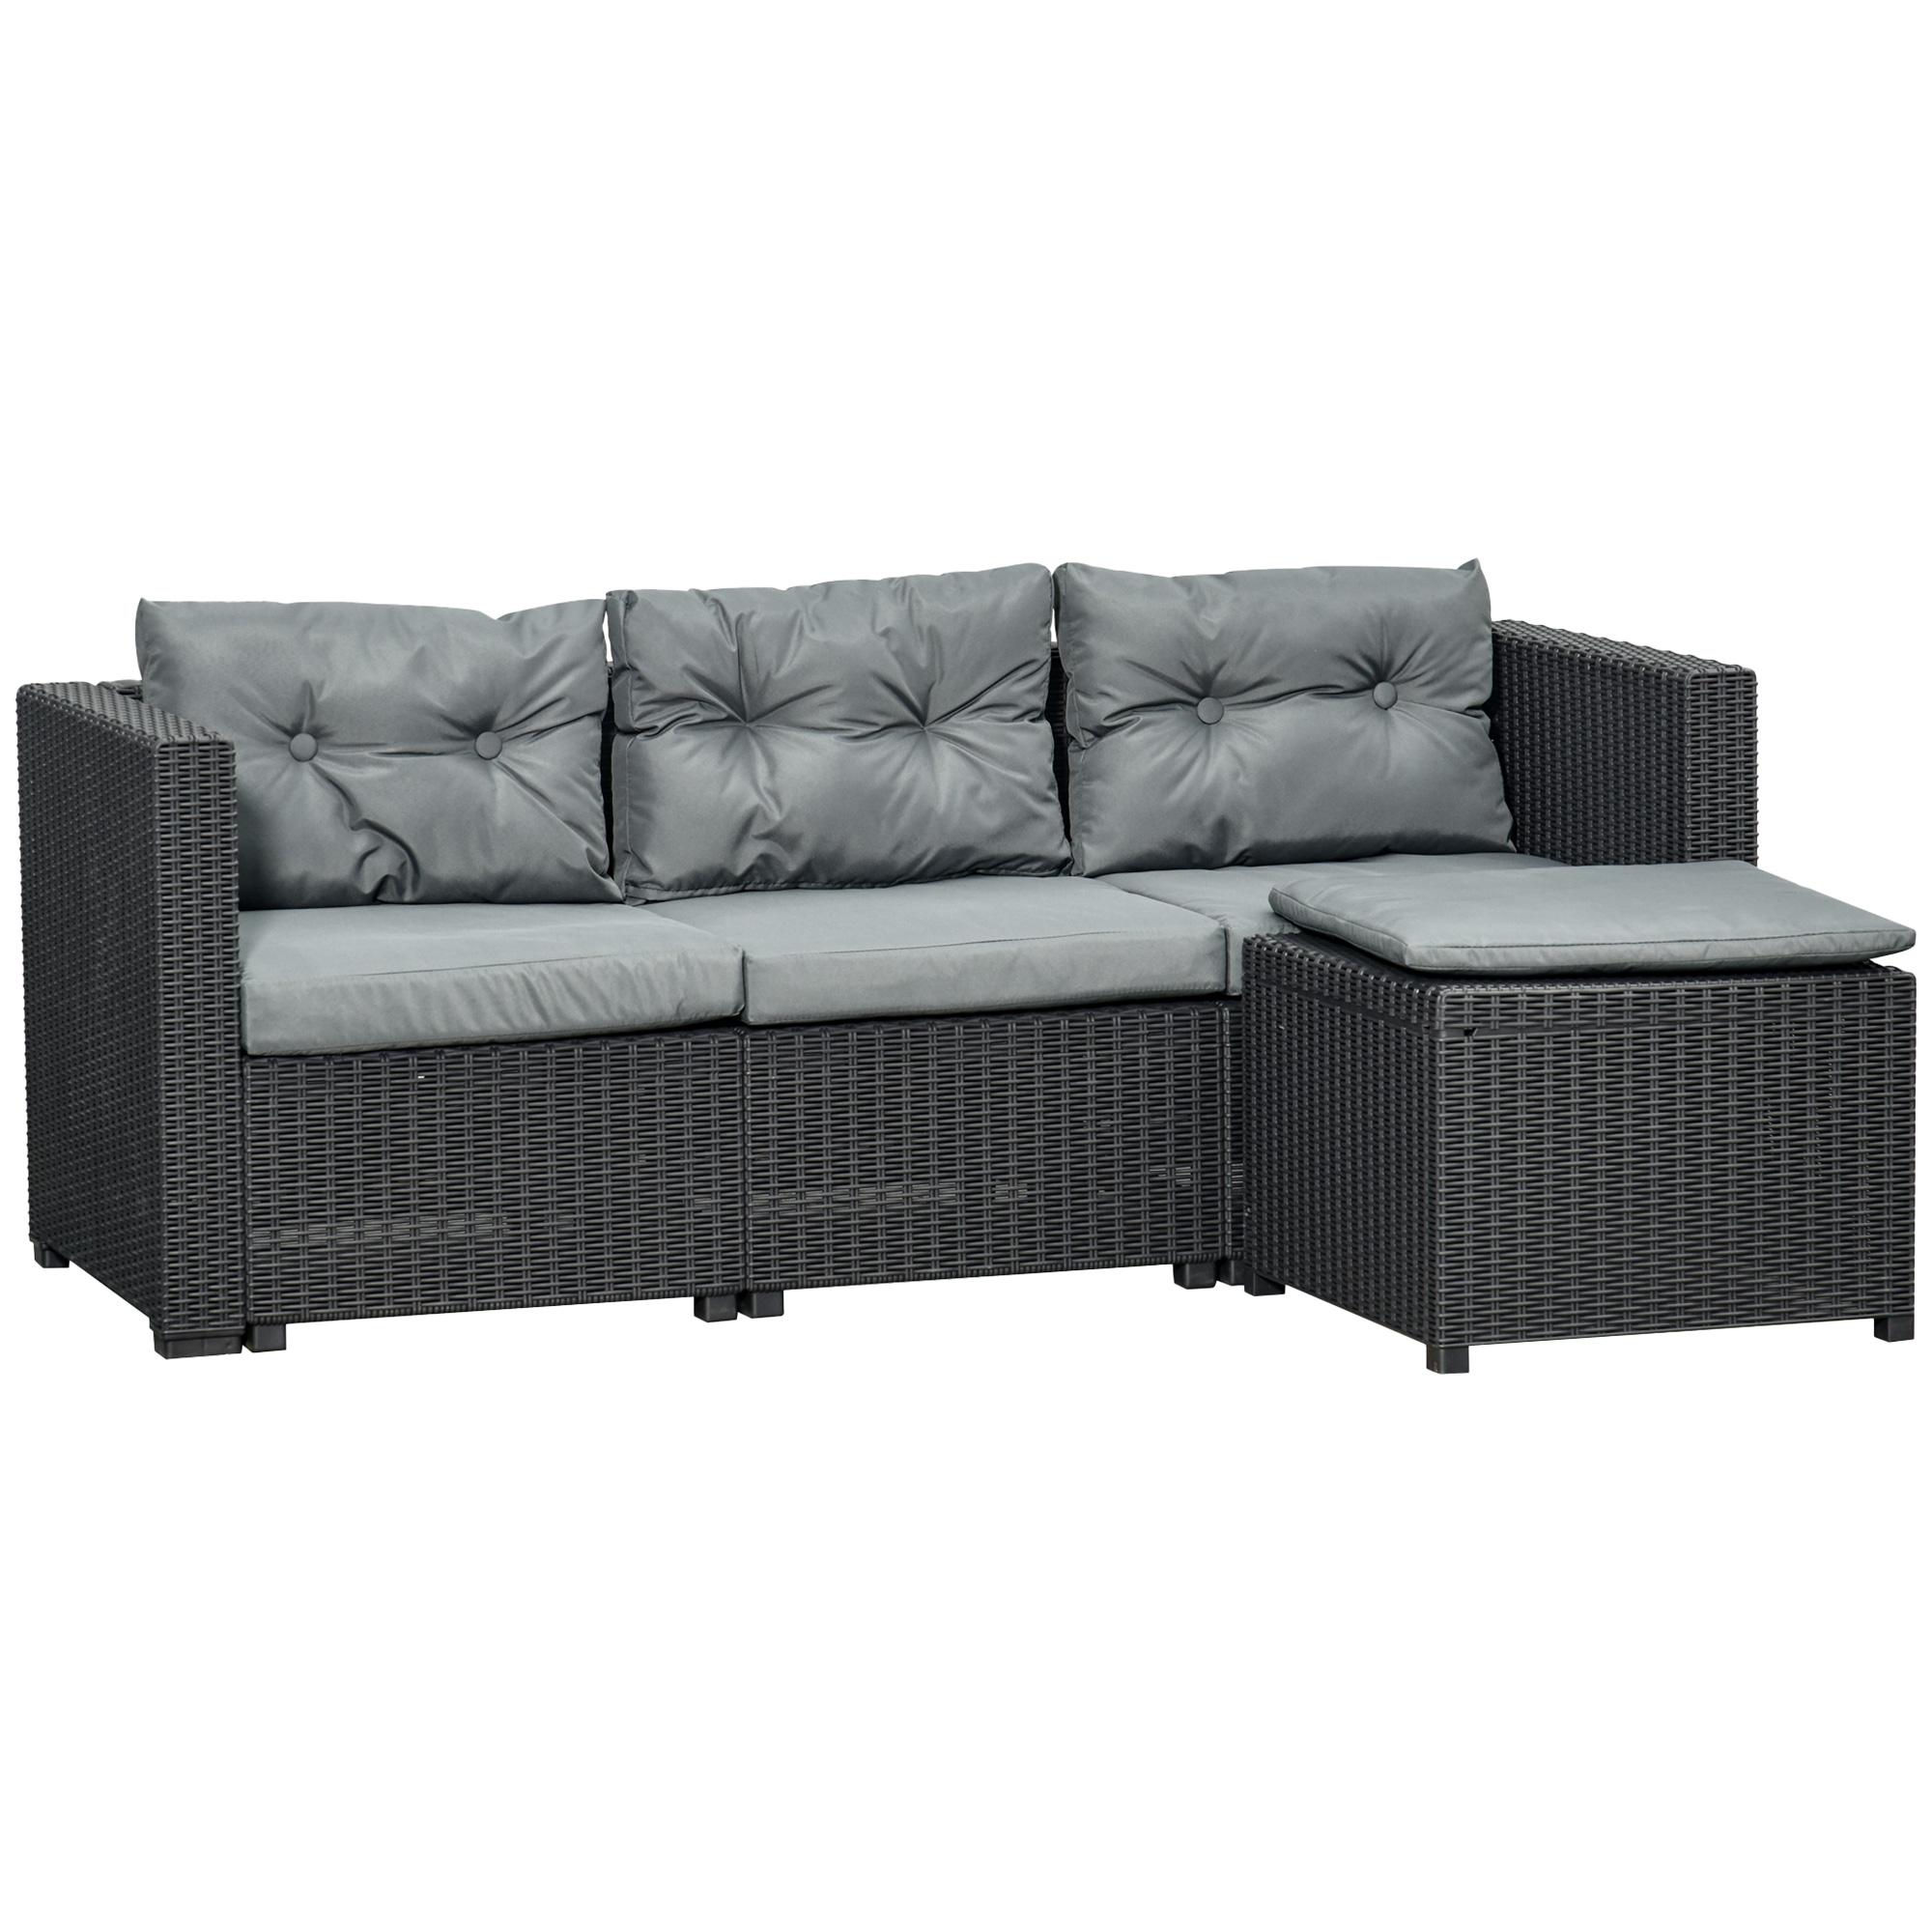 Canapé 3 places avec pouf et 7 coussins en résine tressé gris